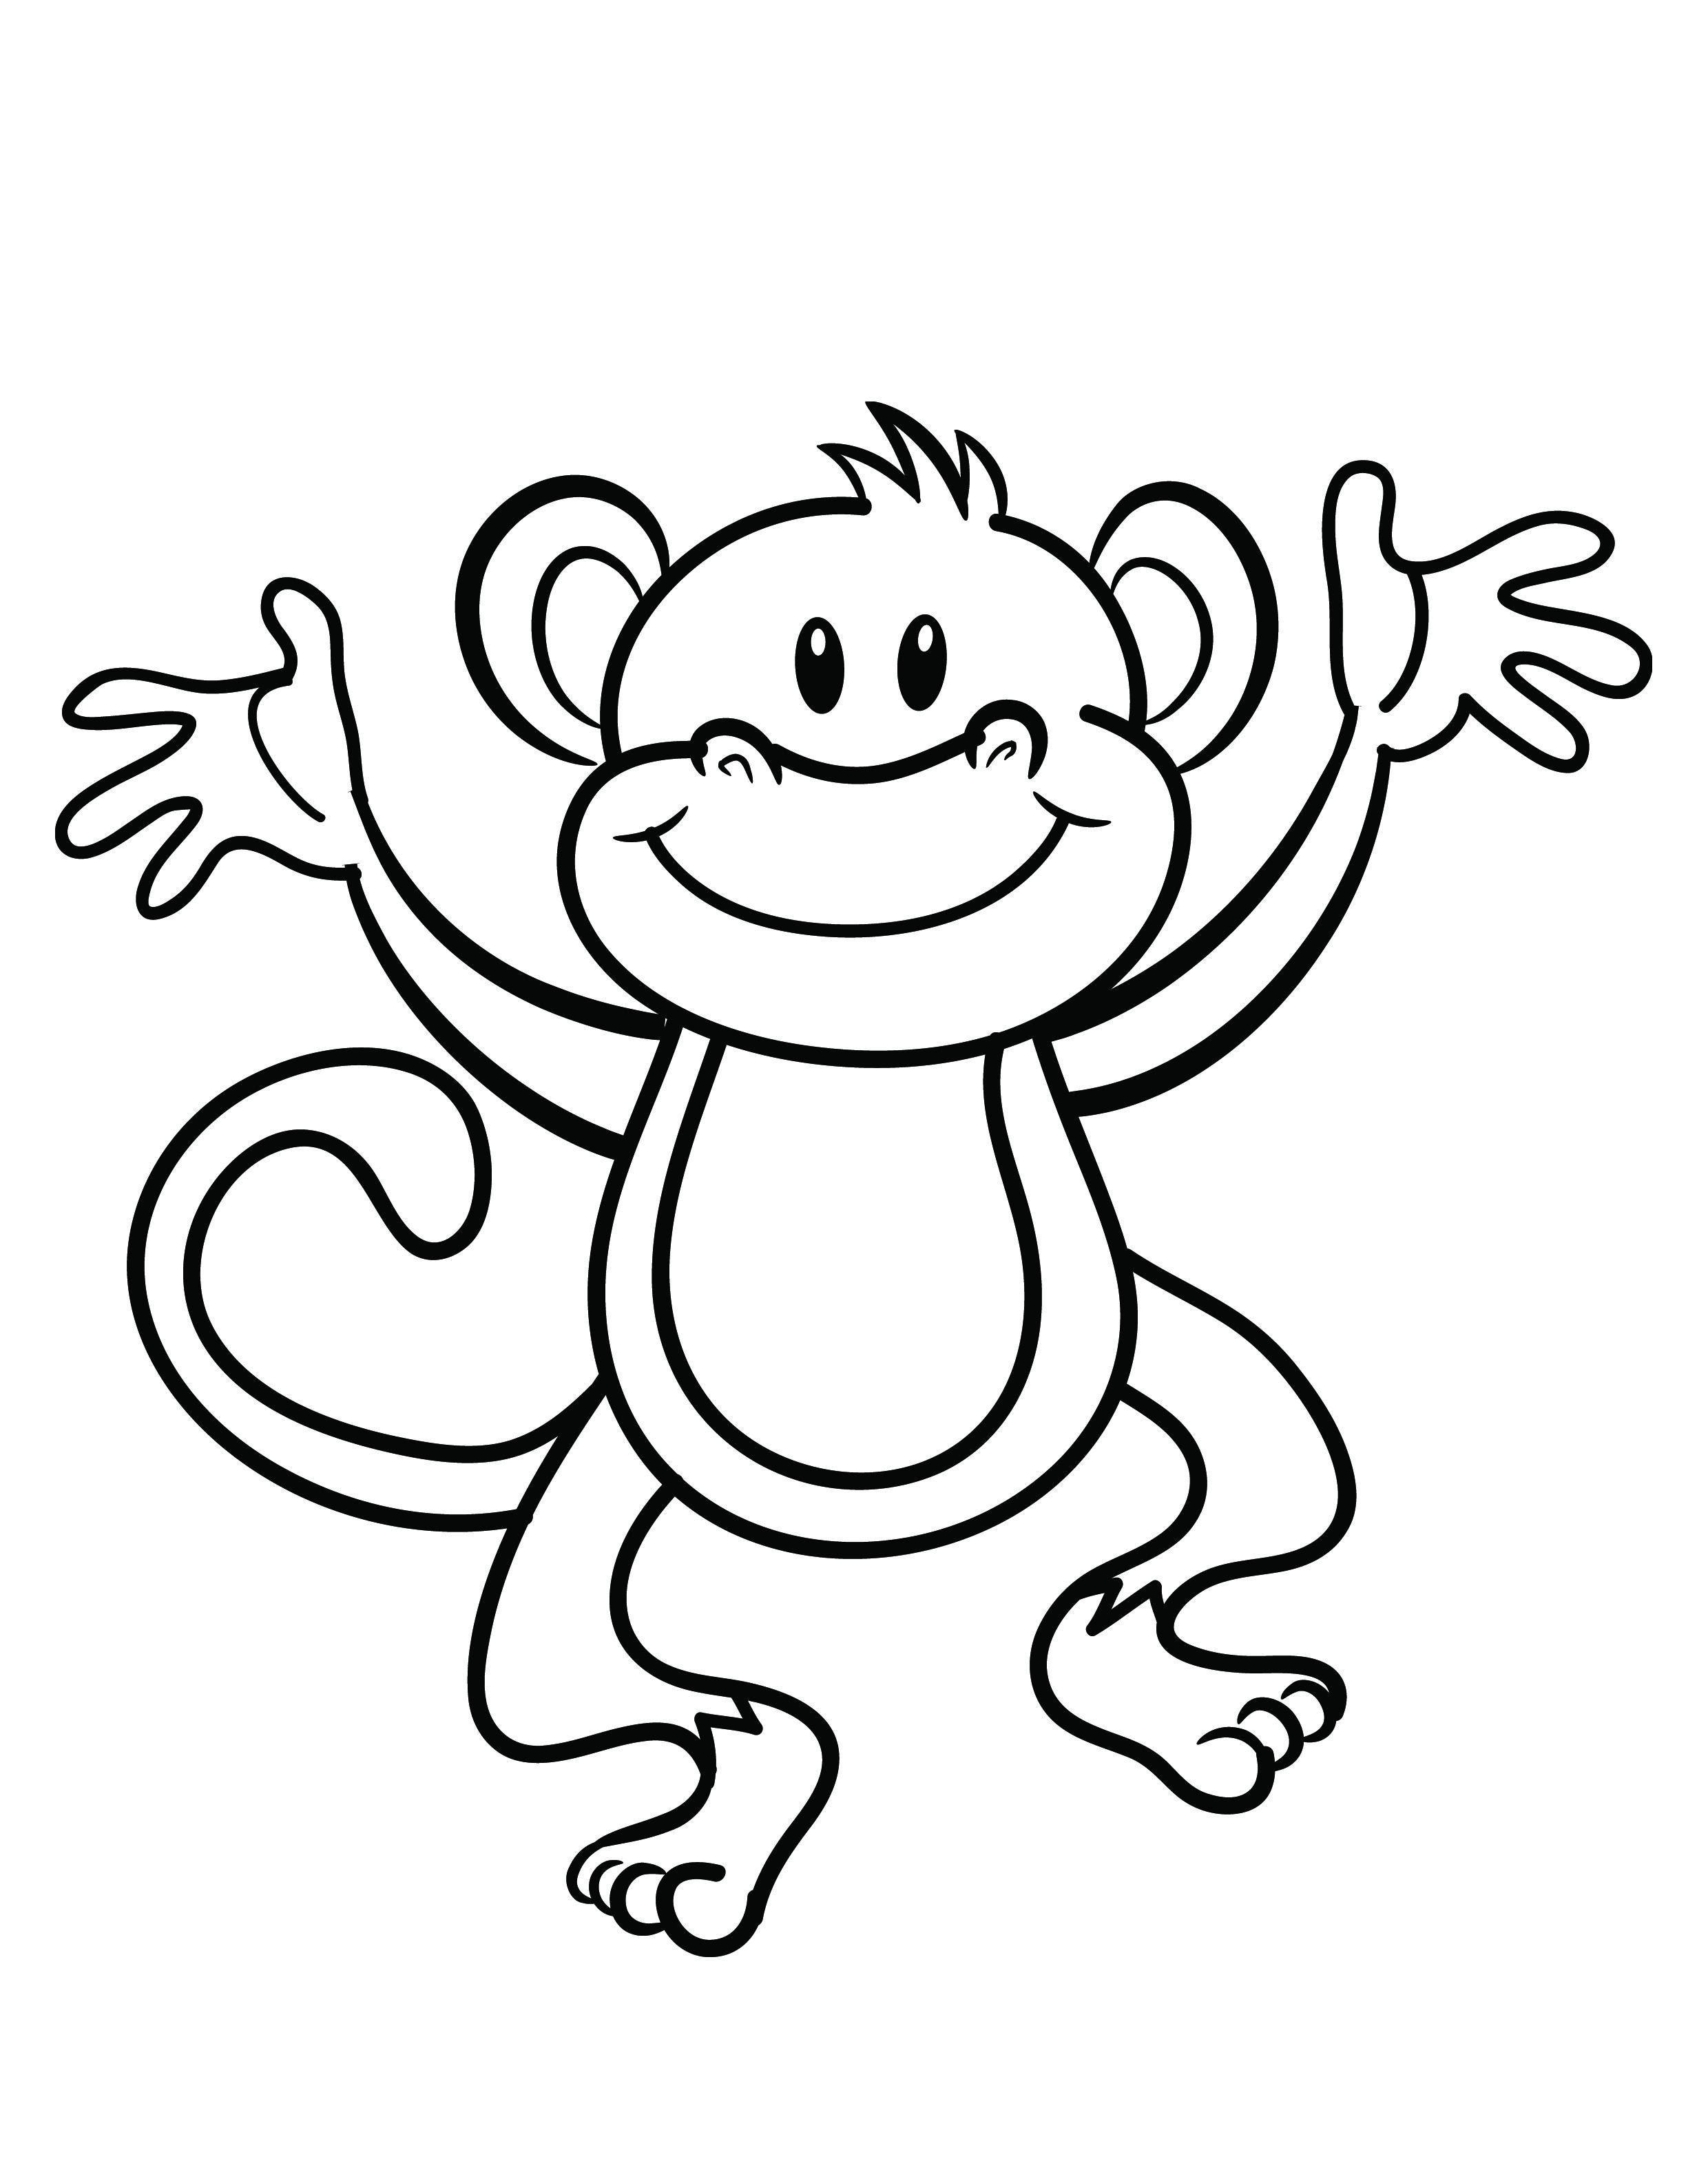 Free Printable Monkey Coloring Page | Cj 1St Birthday | Pinterest - Free Printable Monkey Coloring Pages